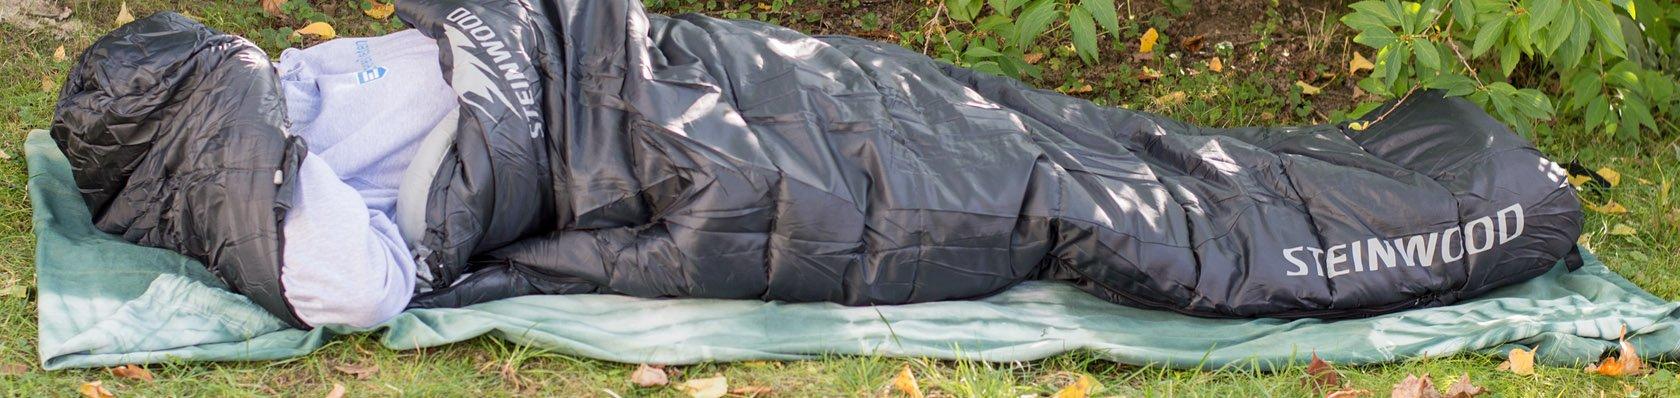 Hüttenschlafsäcke im Test auf ExpertenTesten.de